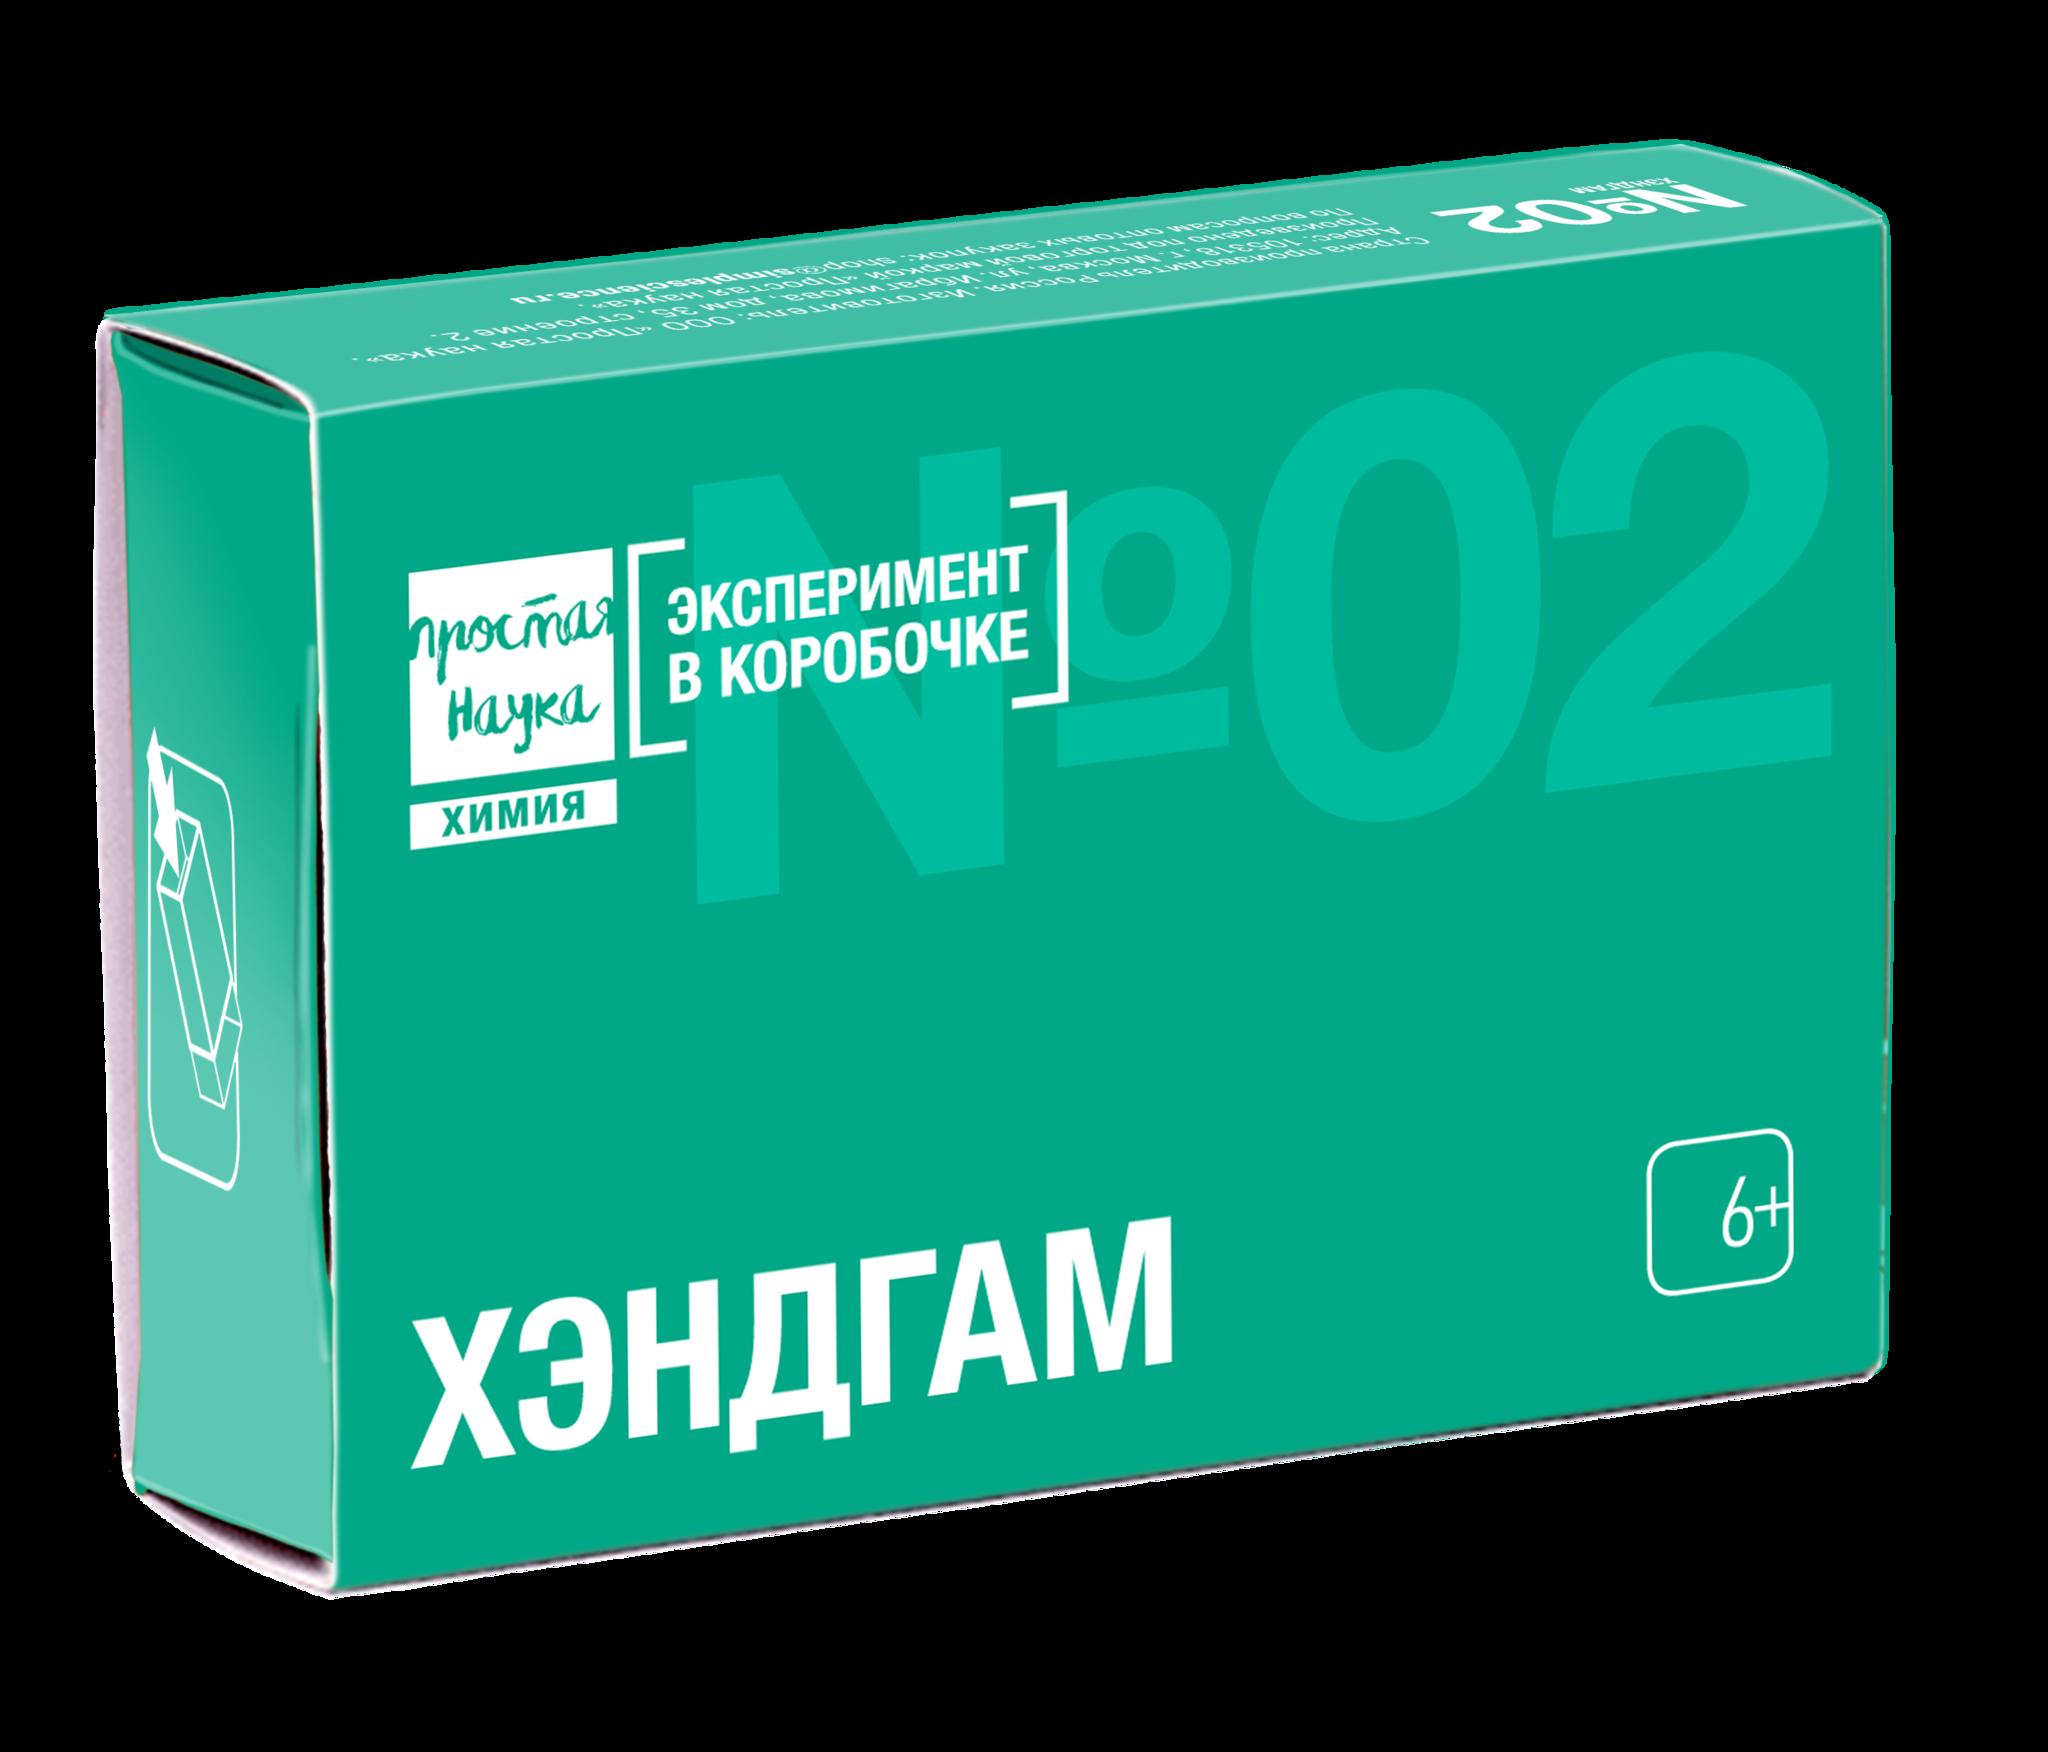 Хэндгам - эксперимент в коробочке №02 - Простая Наука